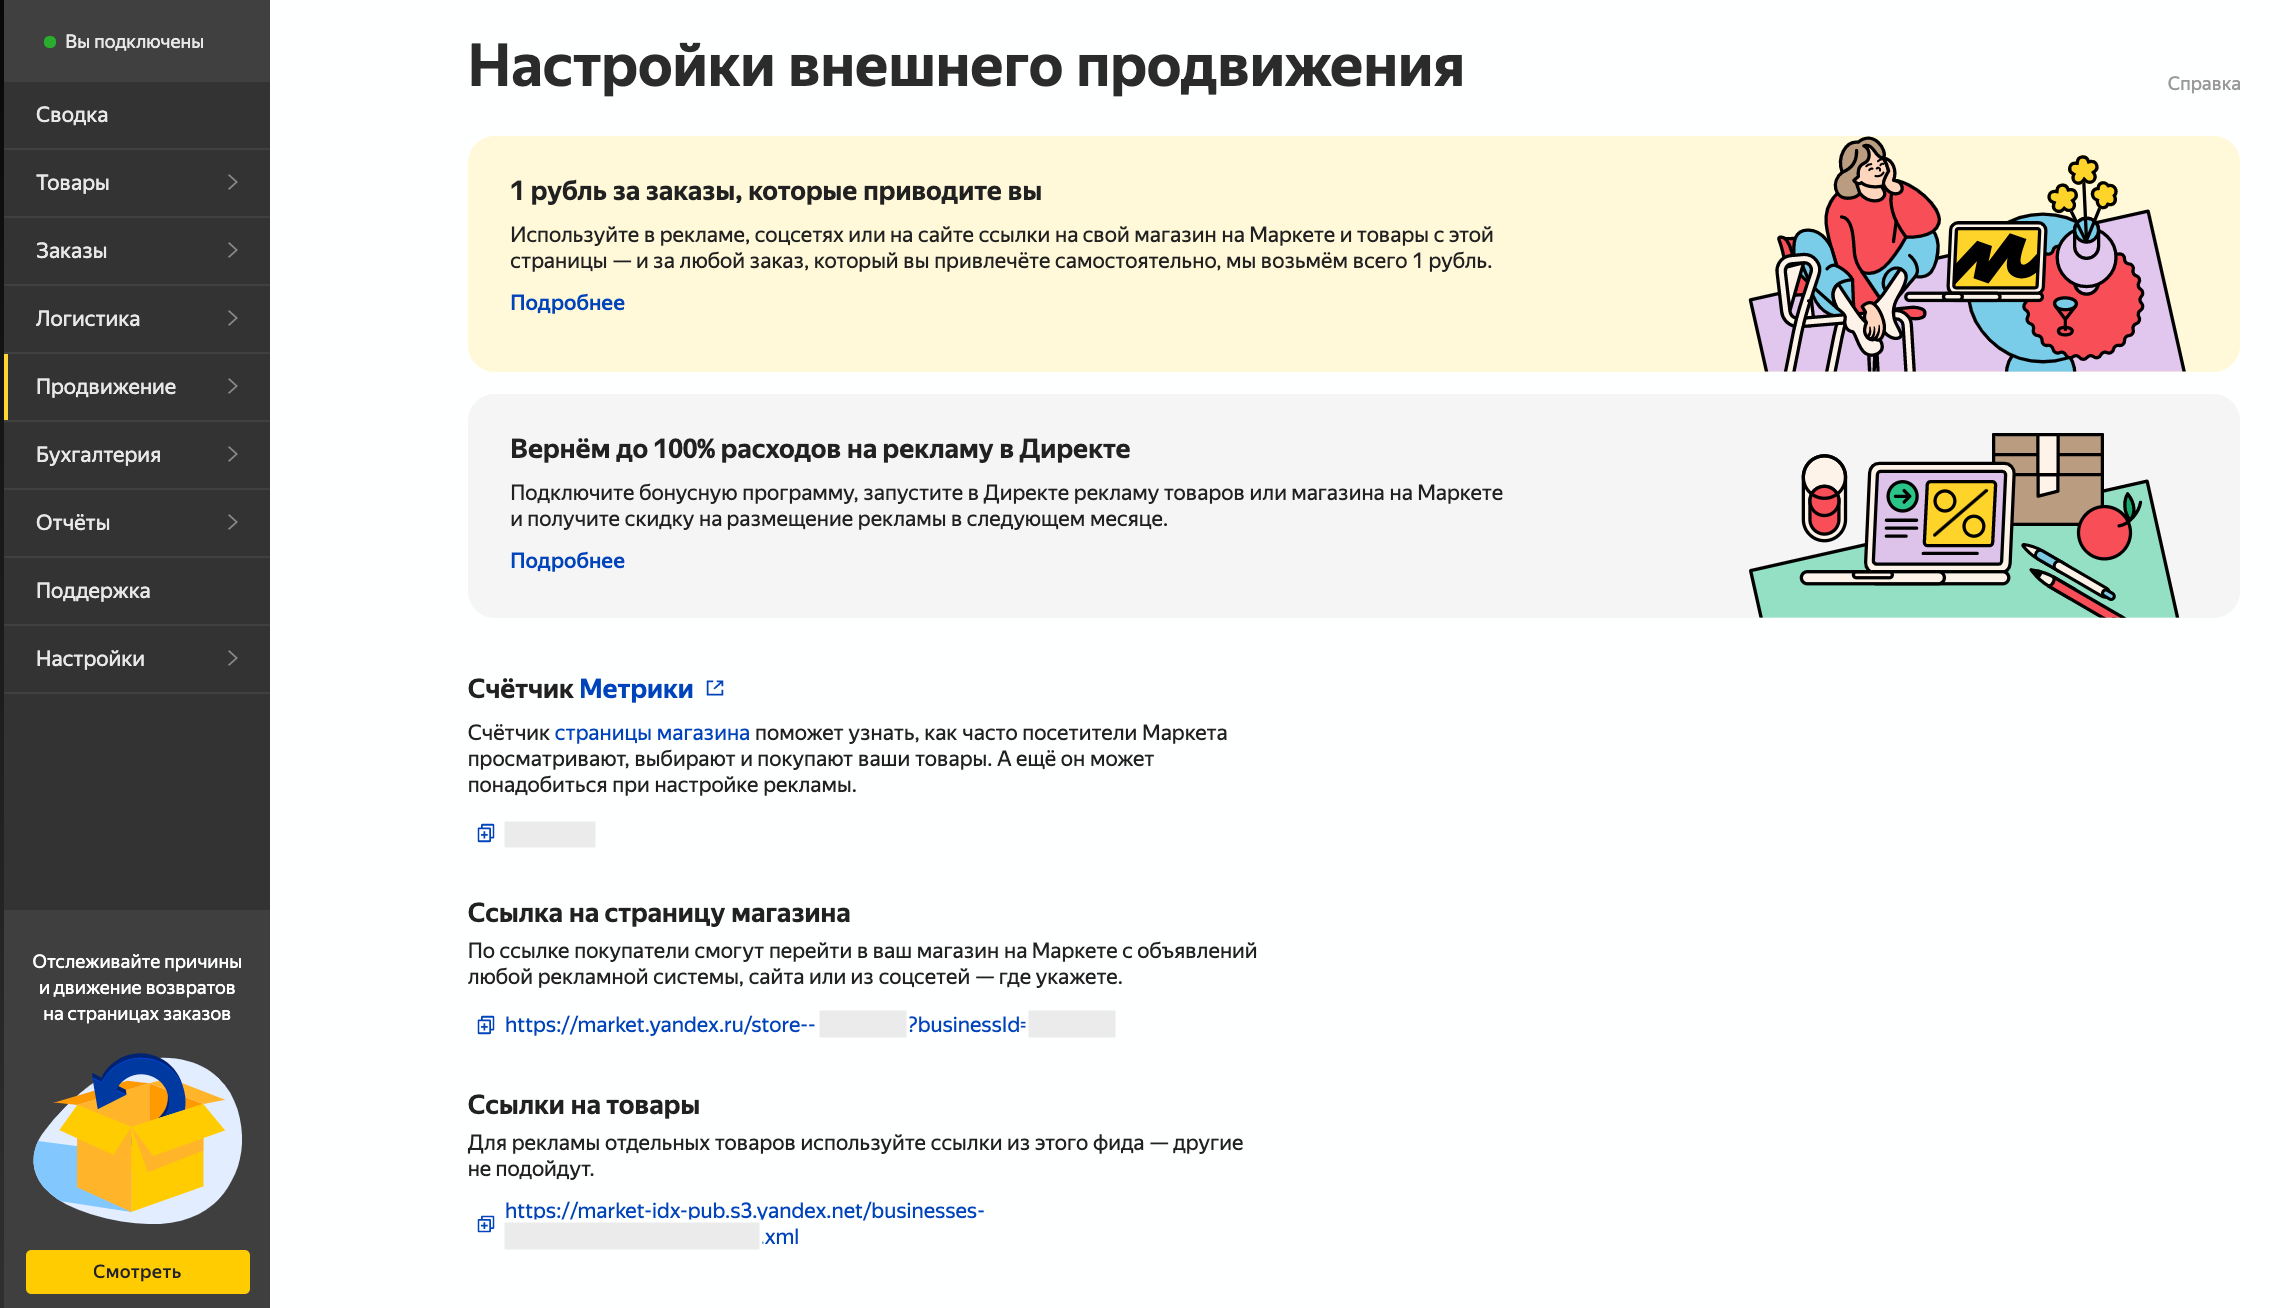 Яндекс.Маркет снижает комиссию за заказы, приведенные самостоятельно1